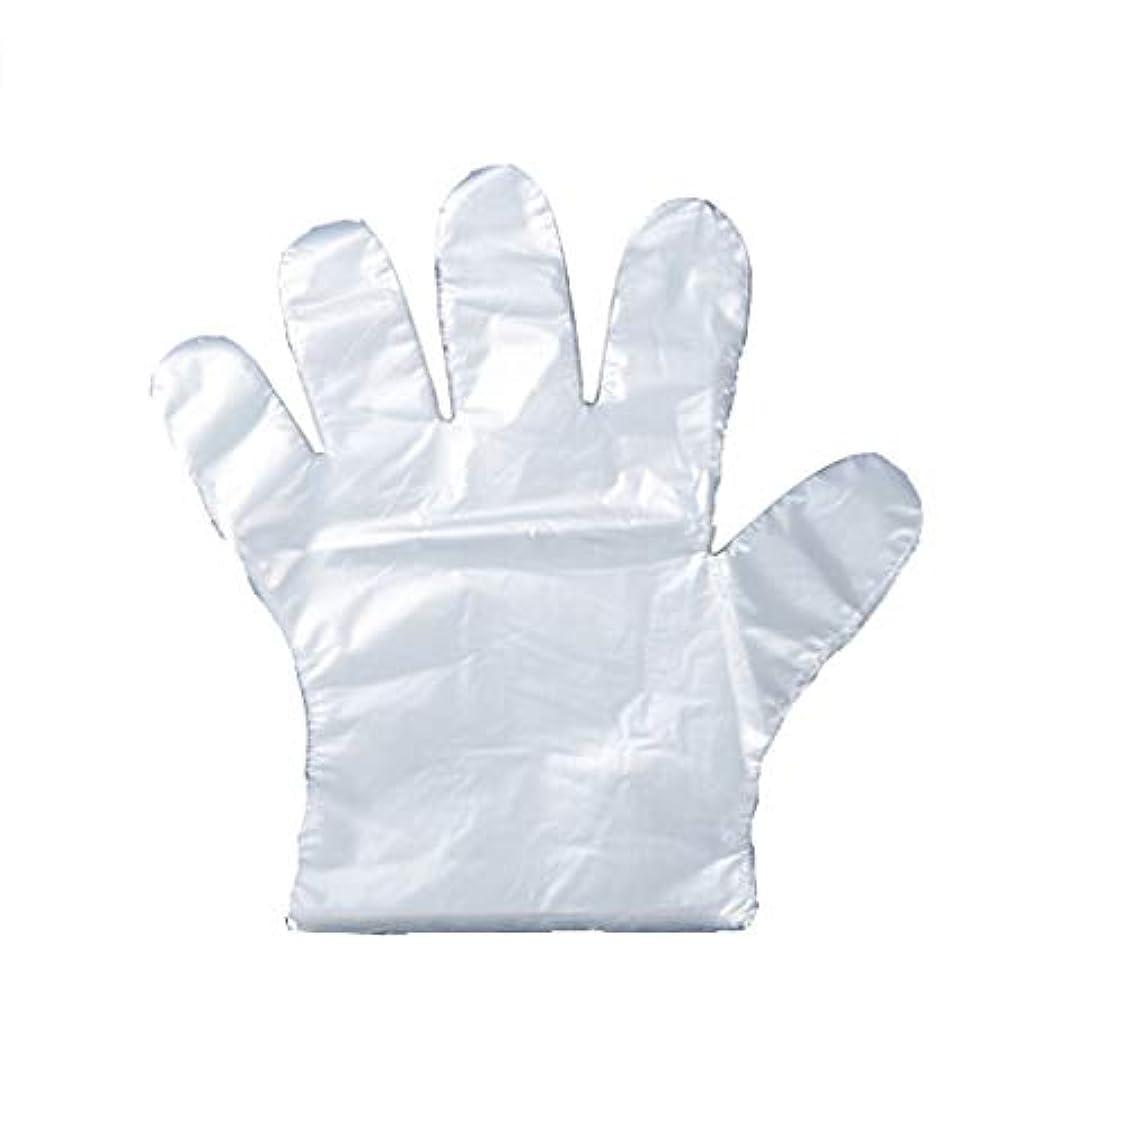 マーベル東ティモール虚弱手袋の使い捨て手袋のフィルム家庭用キッチンの食品は、透明PEプラスチック手袋100パッケージを厚くした (UnitCount : 200)